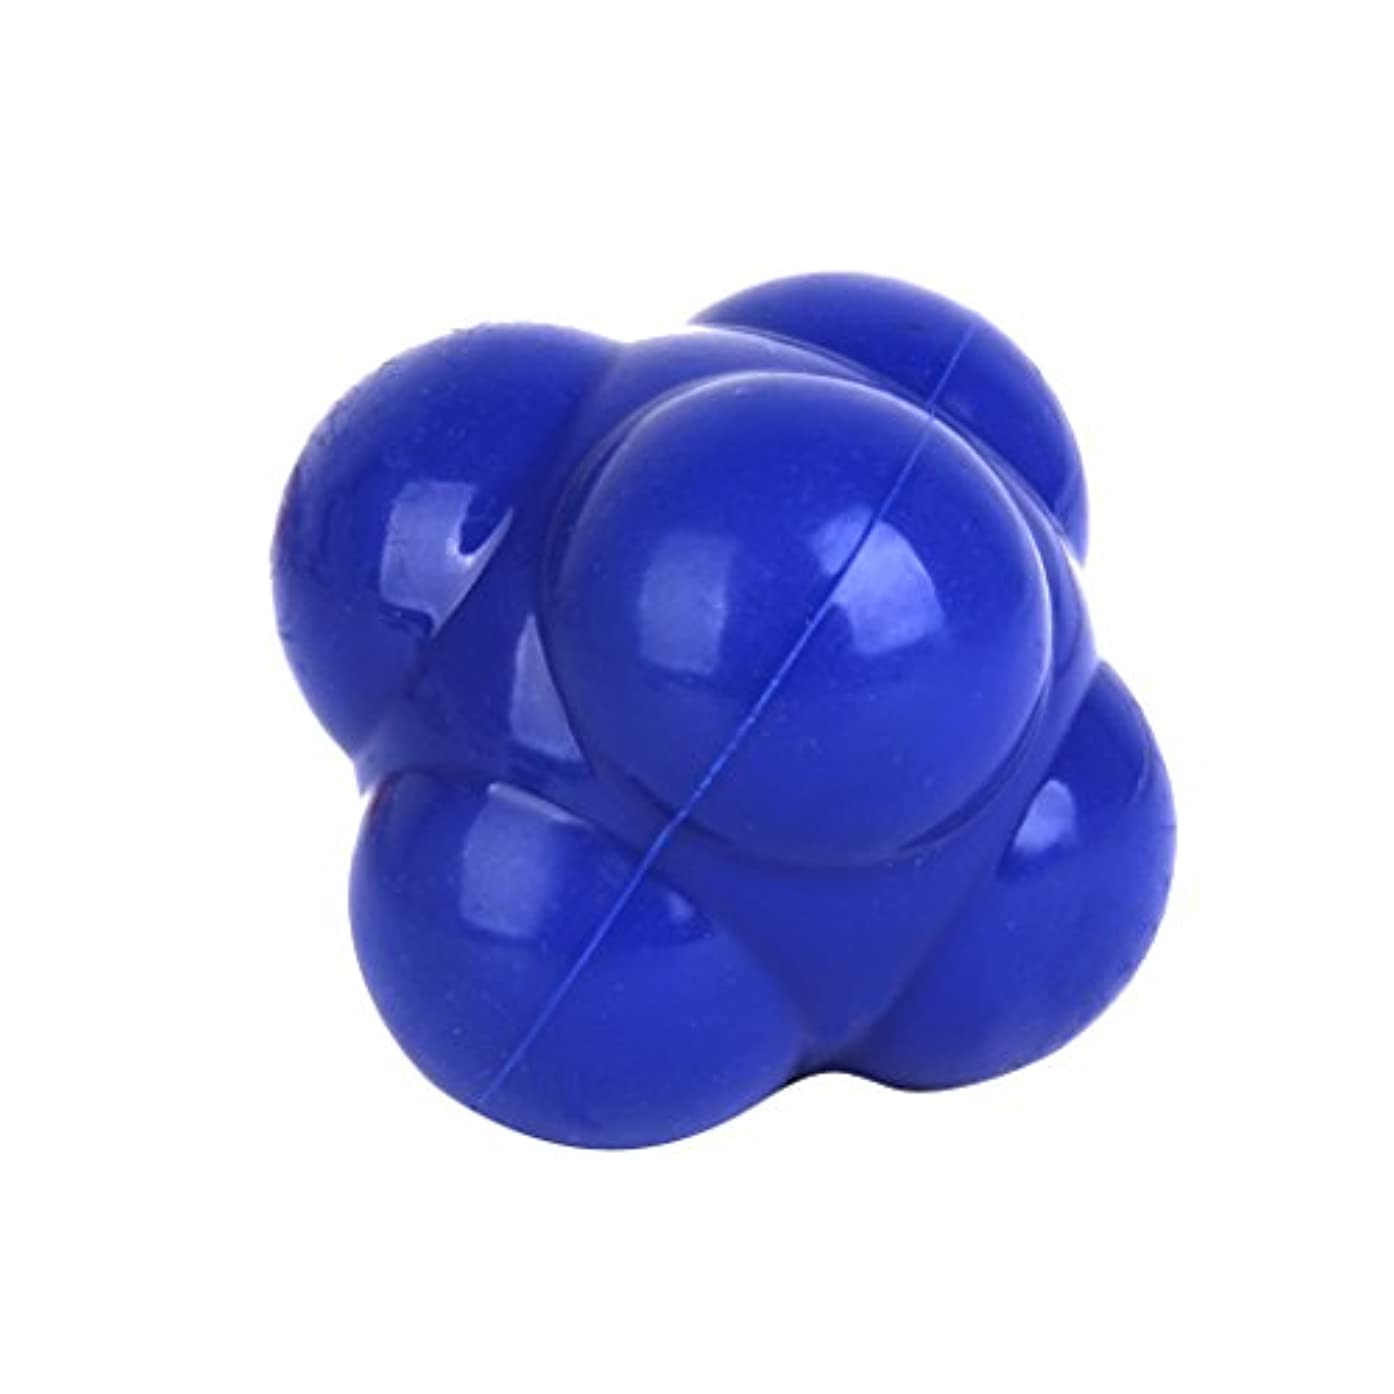 減るノミネート永久に【ノーブランド品】六角反応ボール 六角マッサージボール 反射運動トレーニング 青